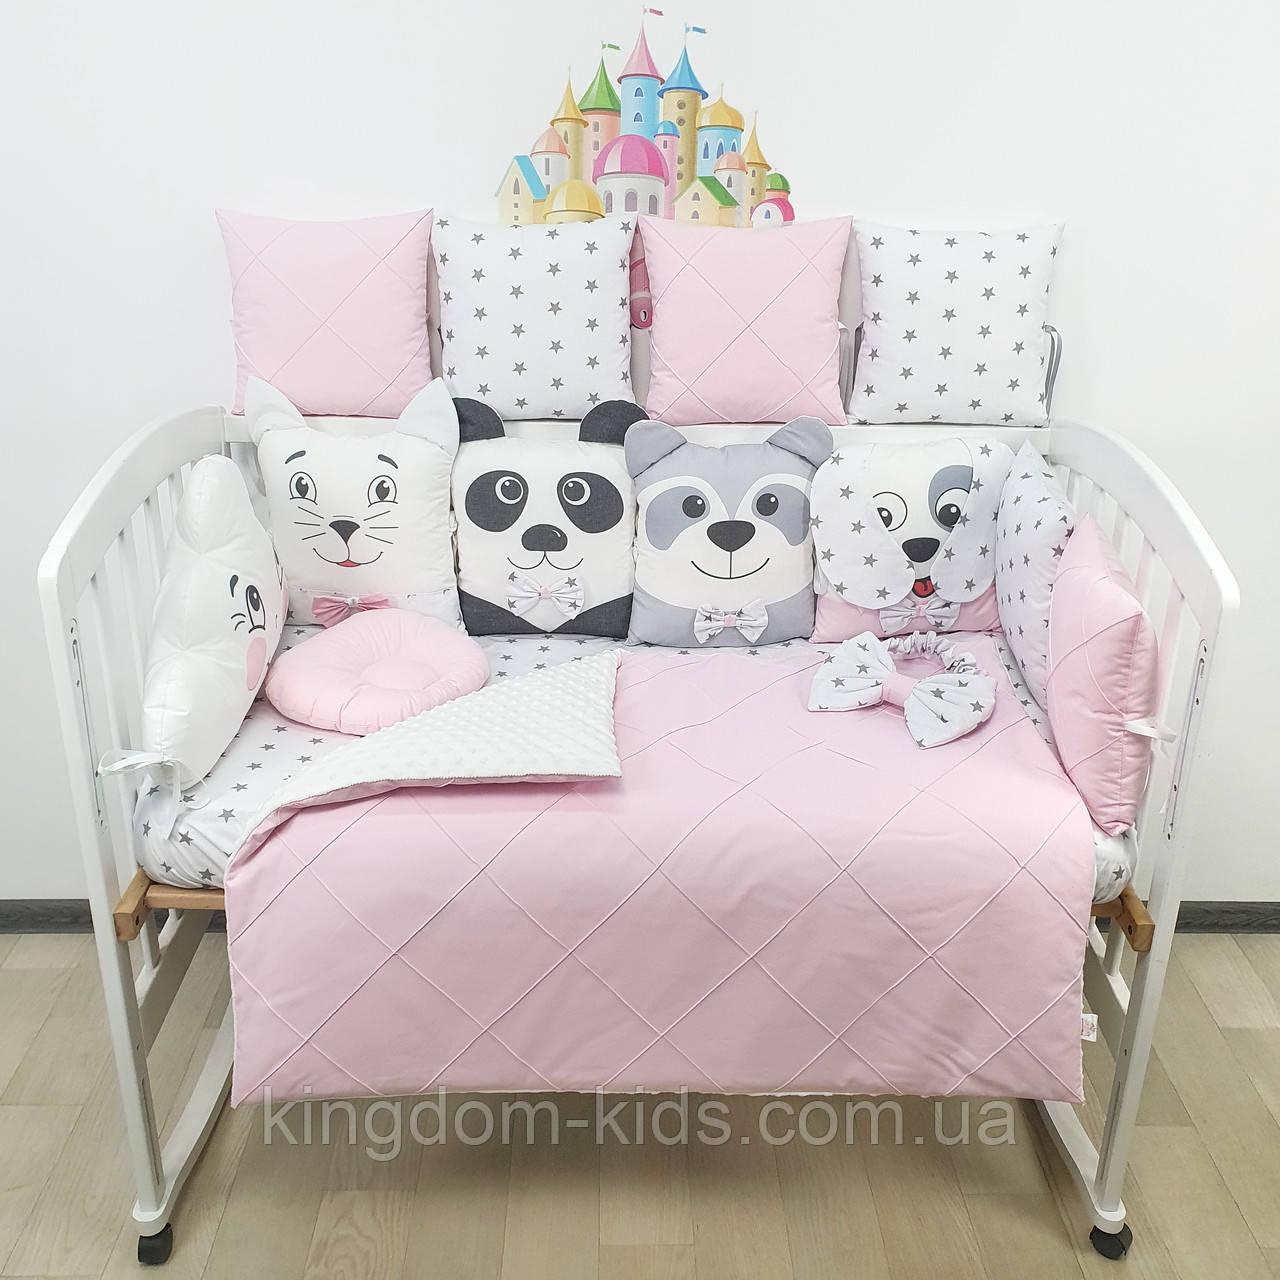 Комплект бортиков и постельного в кроватку с игрушками и облаком с биссерной строчкой в нежно-розовых тонах